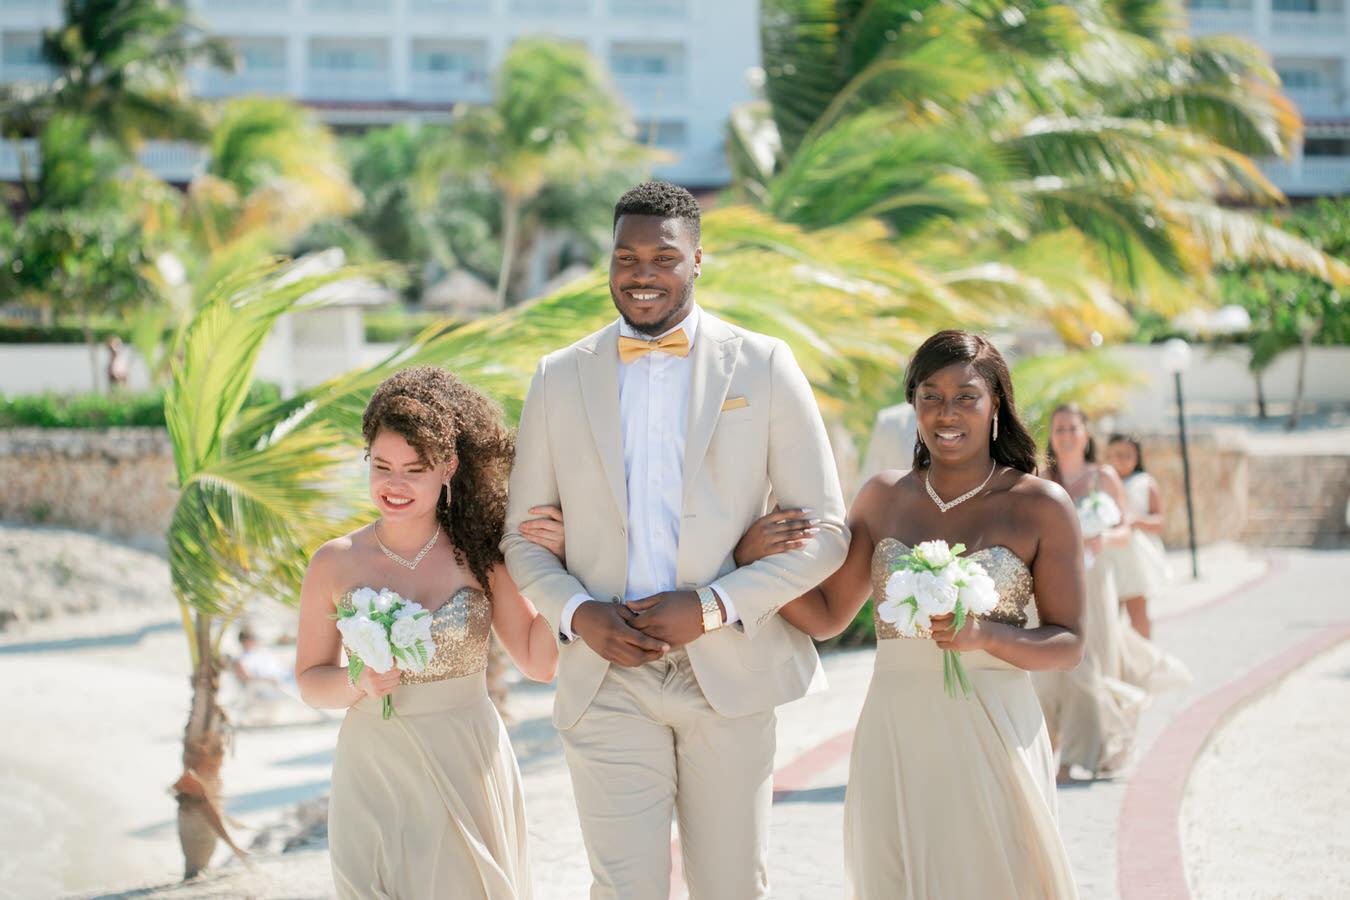 Ashley___Michael___Daniel_Ricci_Weddings_High_Res._Final_0130.jpg